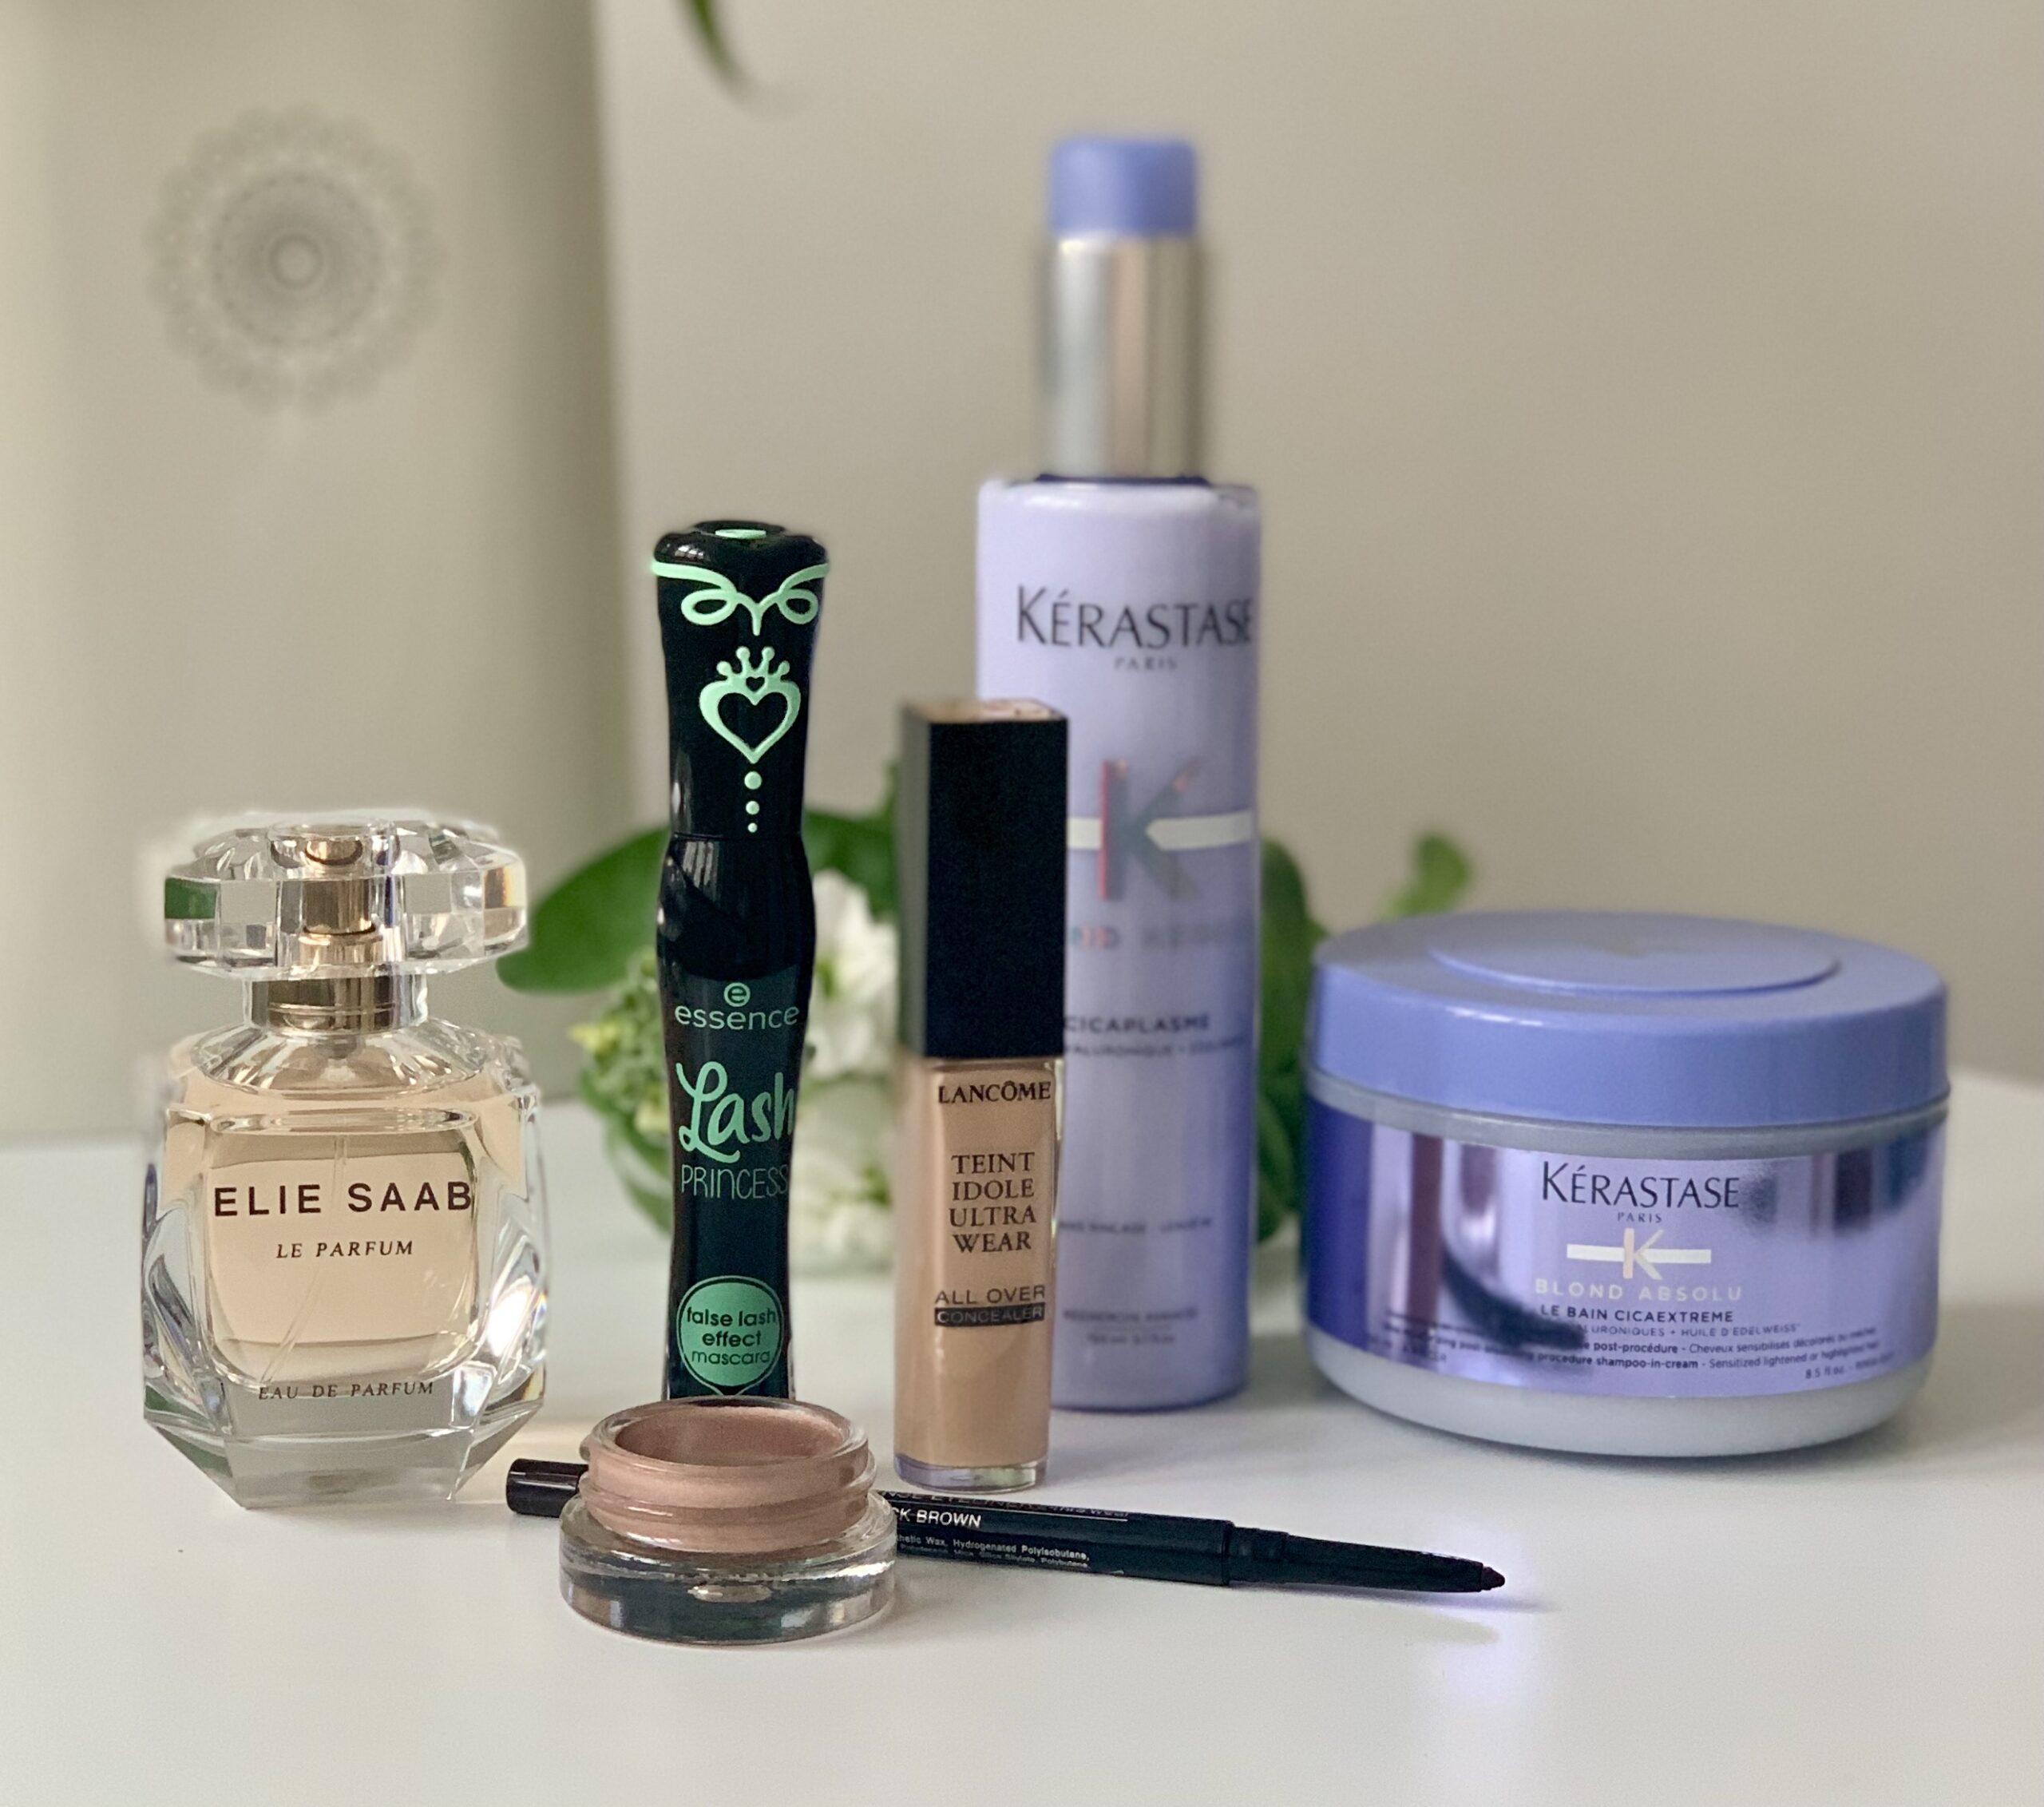 Cocopanda, mascara, shampoo, makeup, parfume,